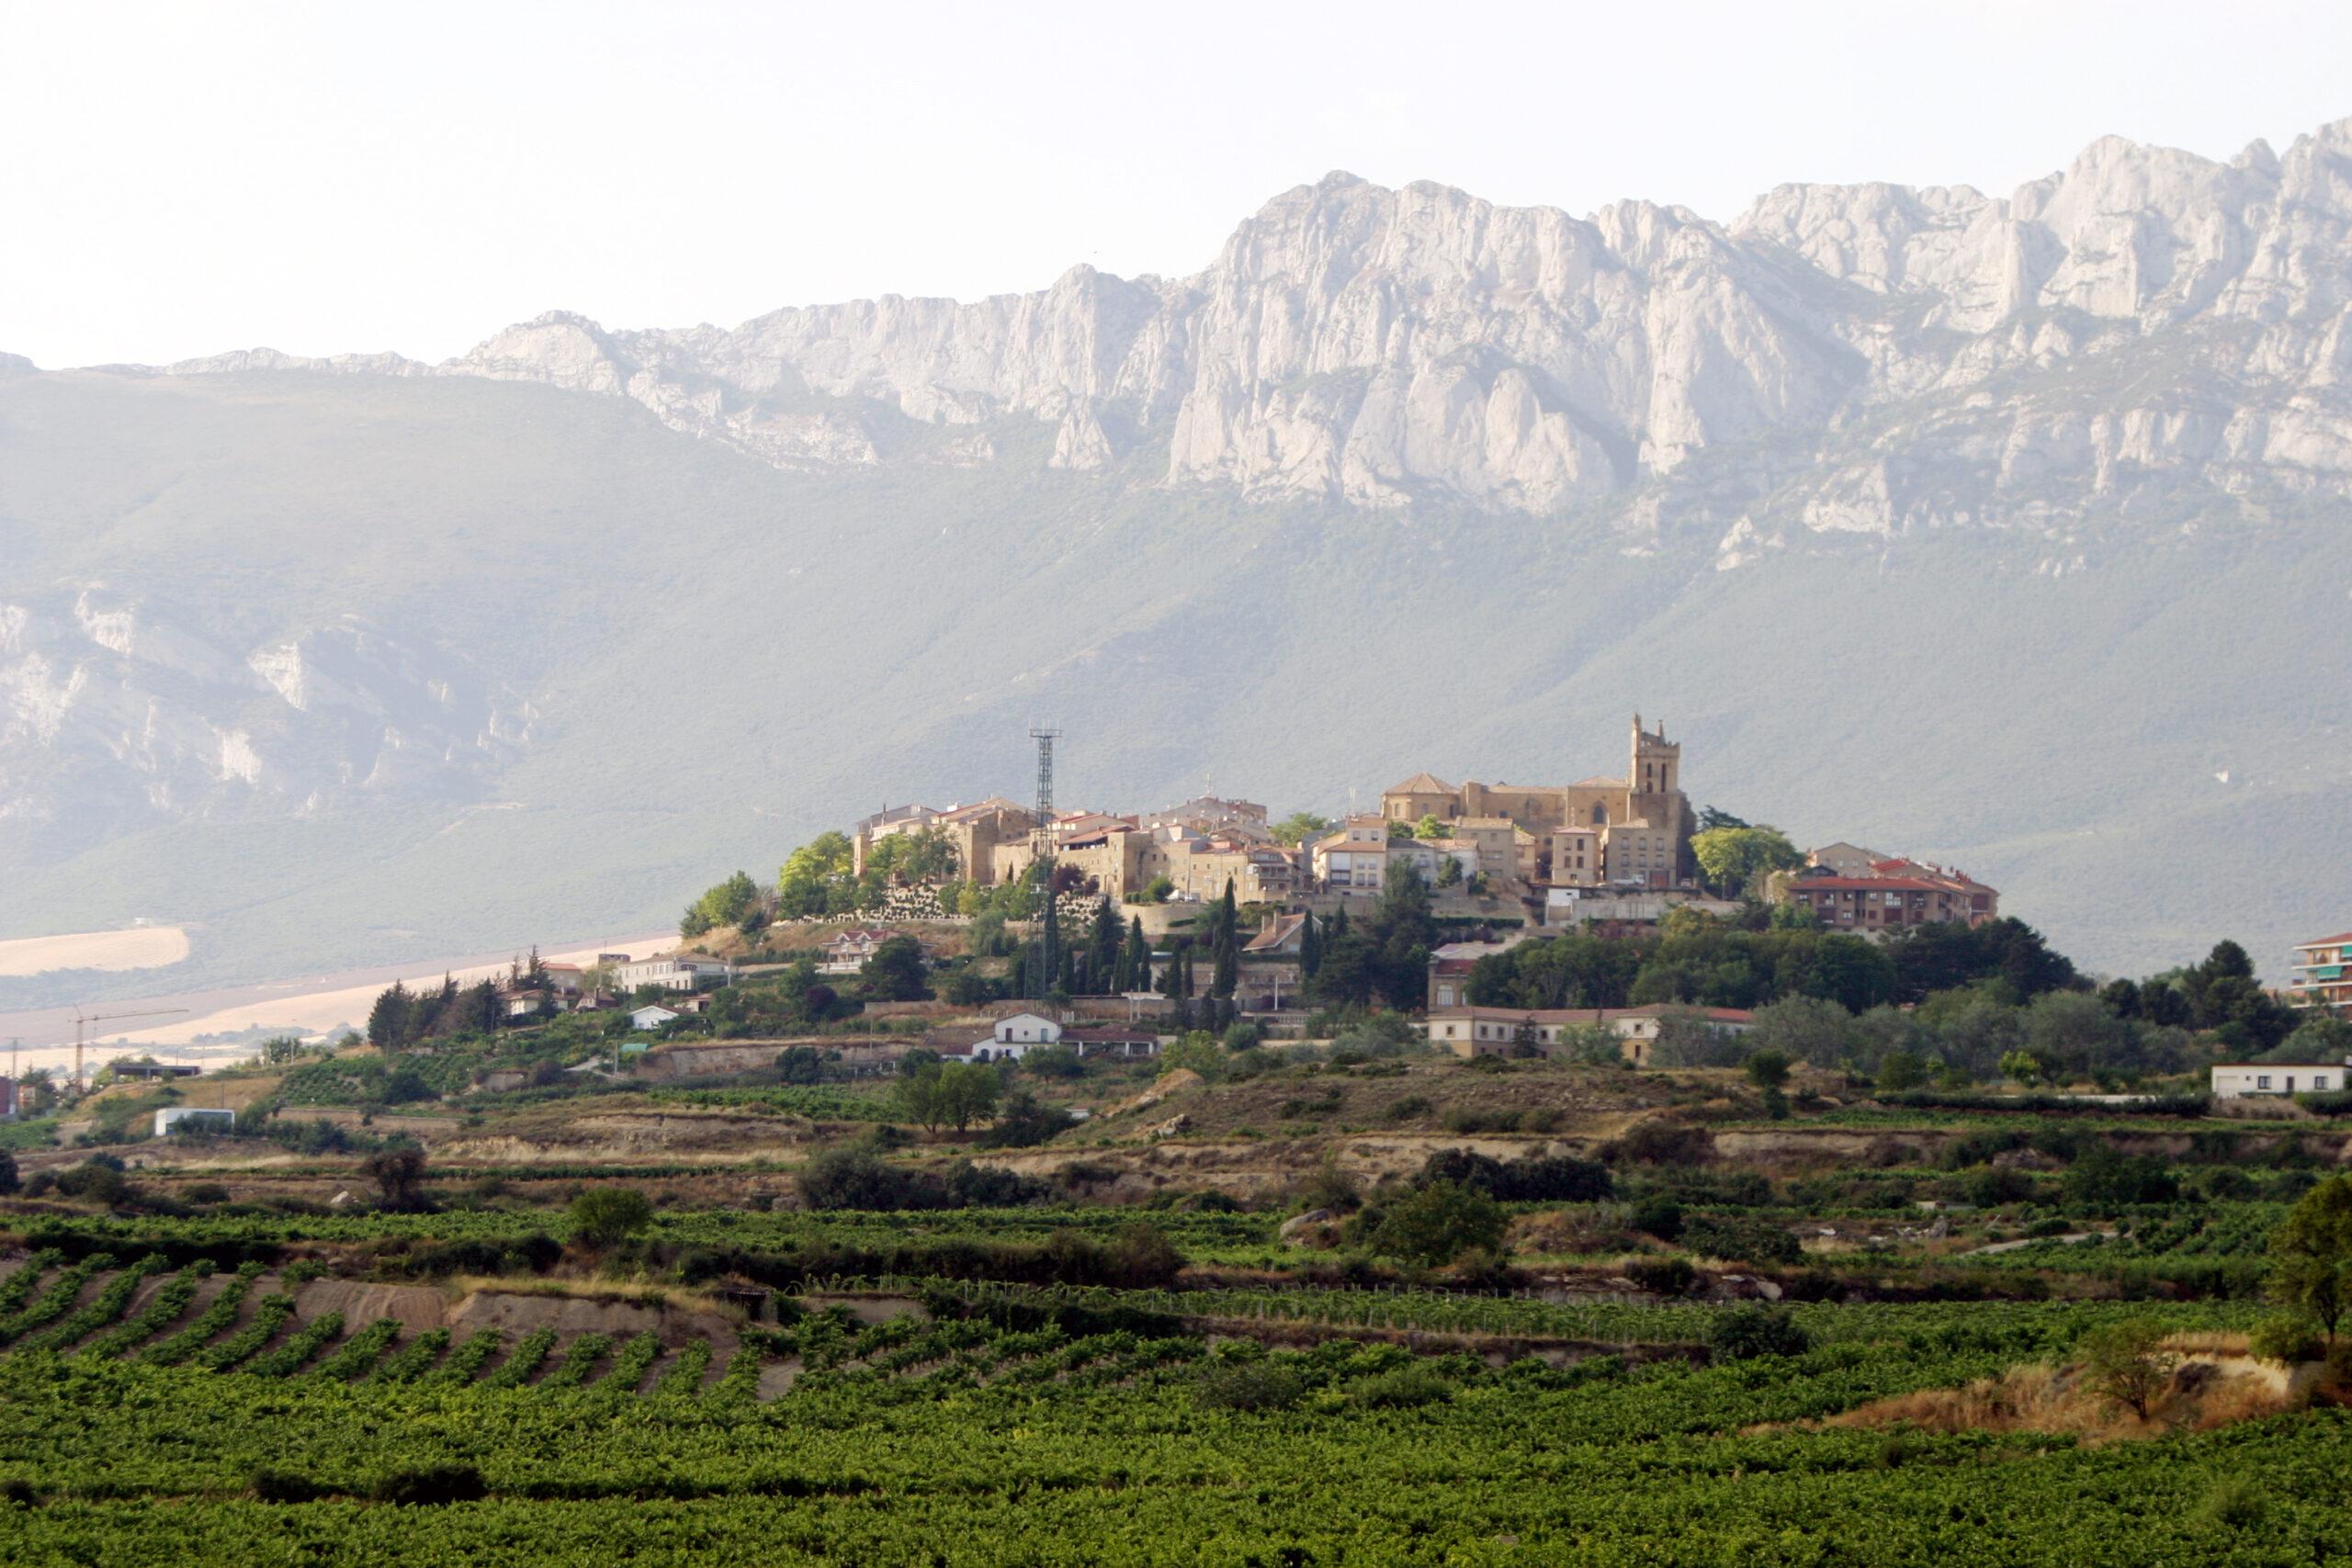 La Ruta del Vino de Rioja Alavesa un enclave único para descubrir